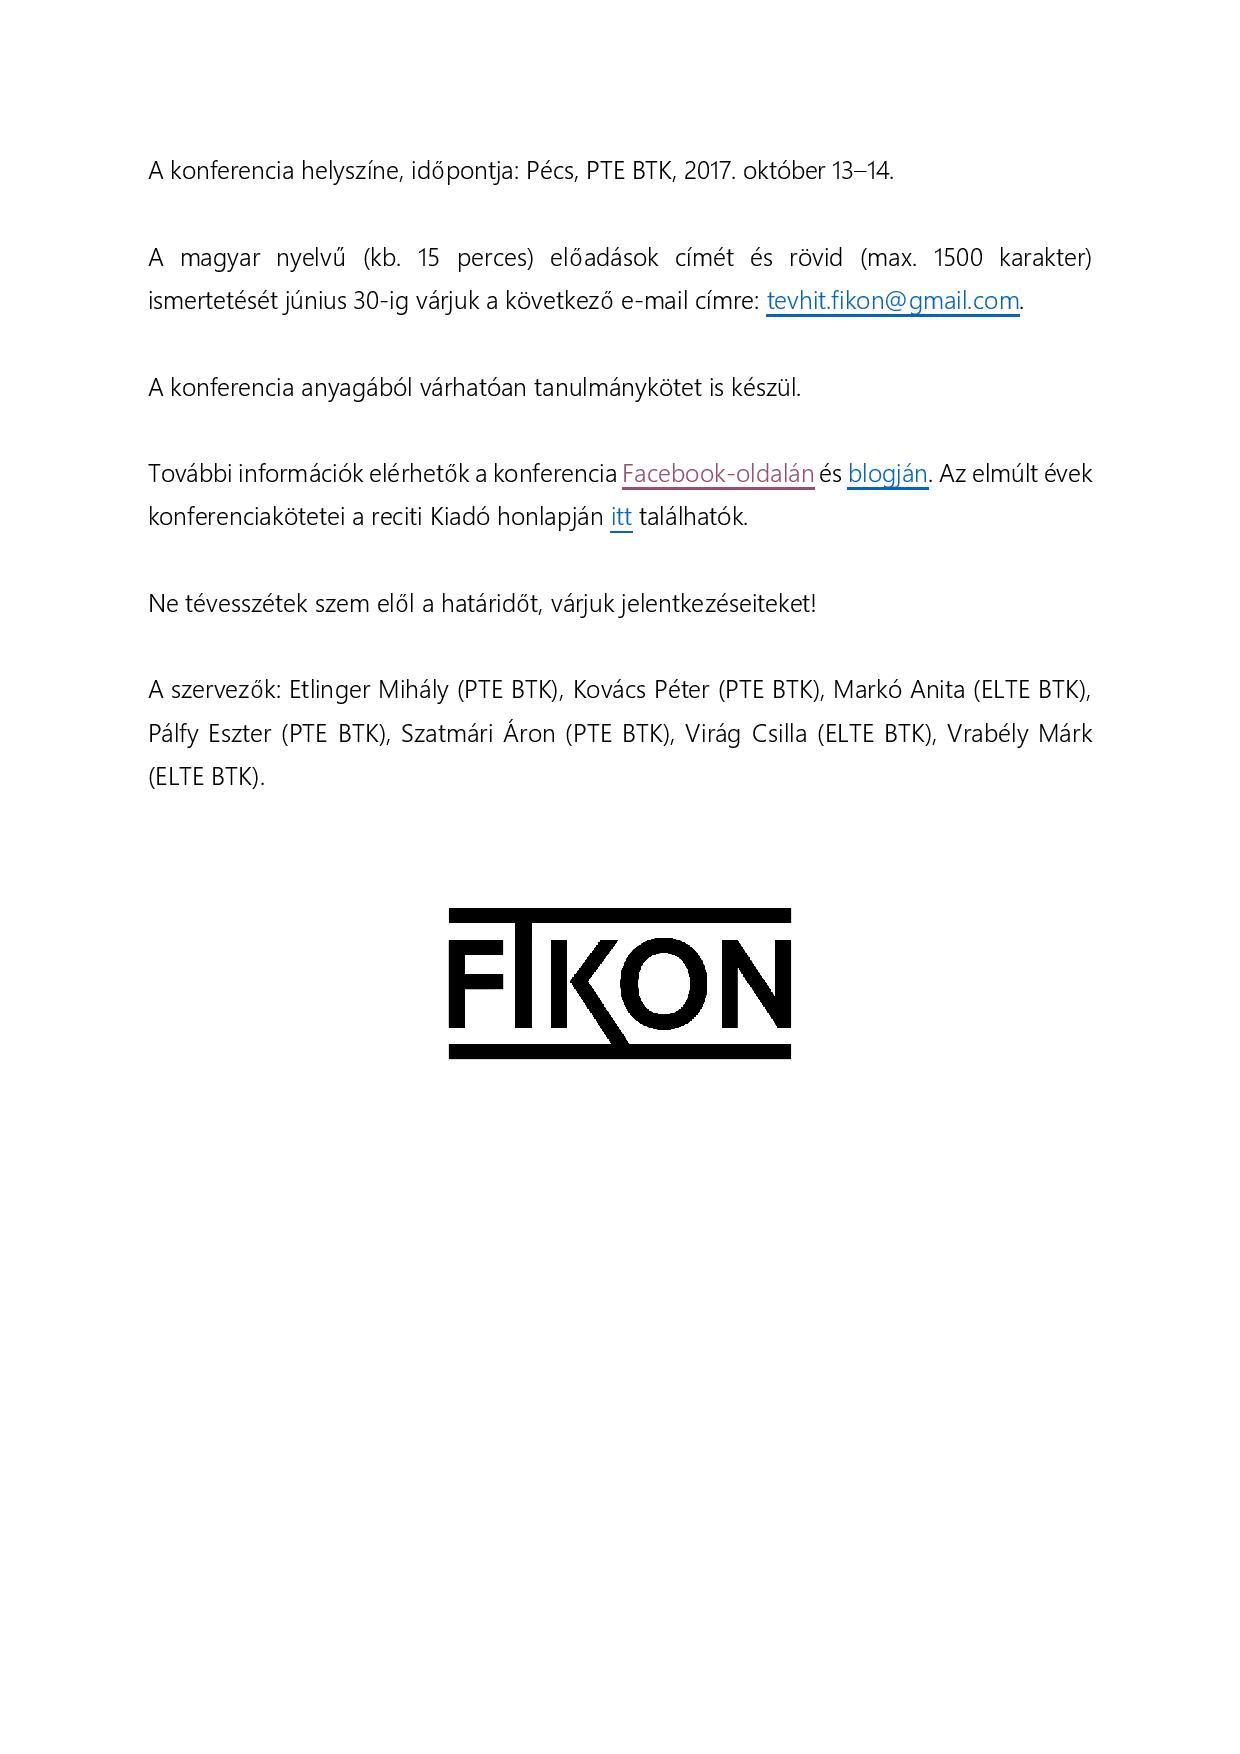 fikon-felhivas3-page-002.jpg